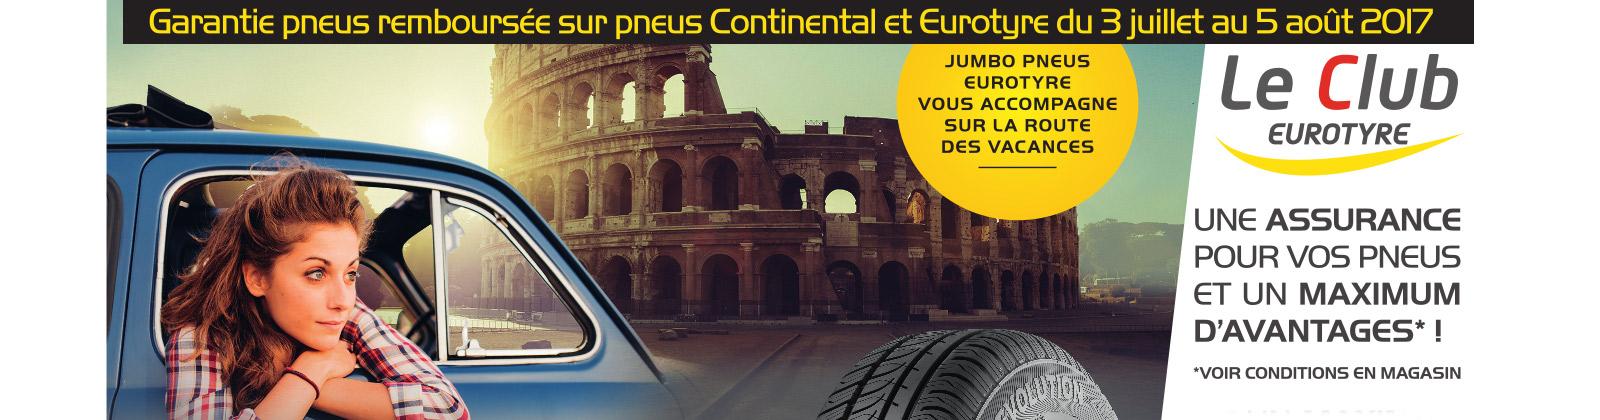 garantie eurotyre continental slide